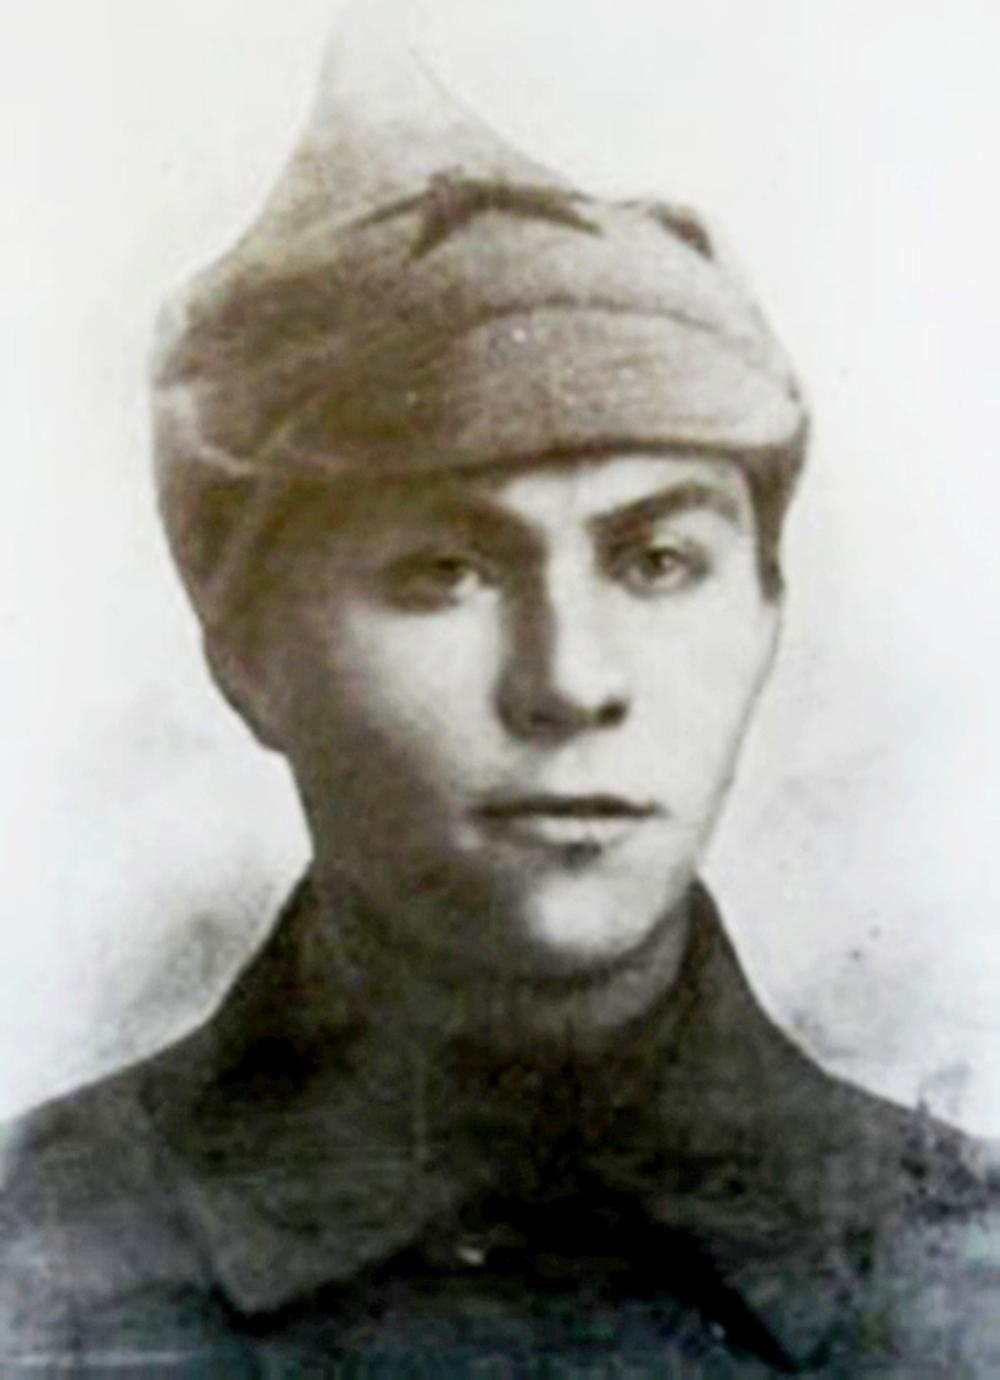 герой советского союза константин песков фото использование